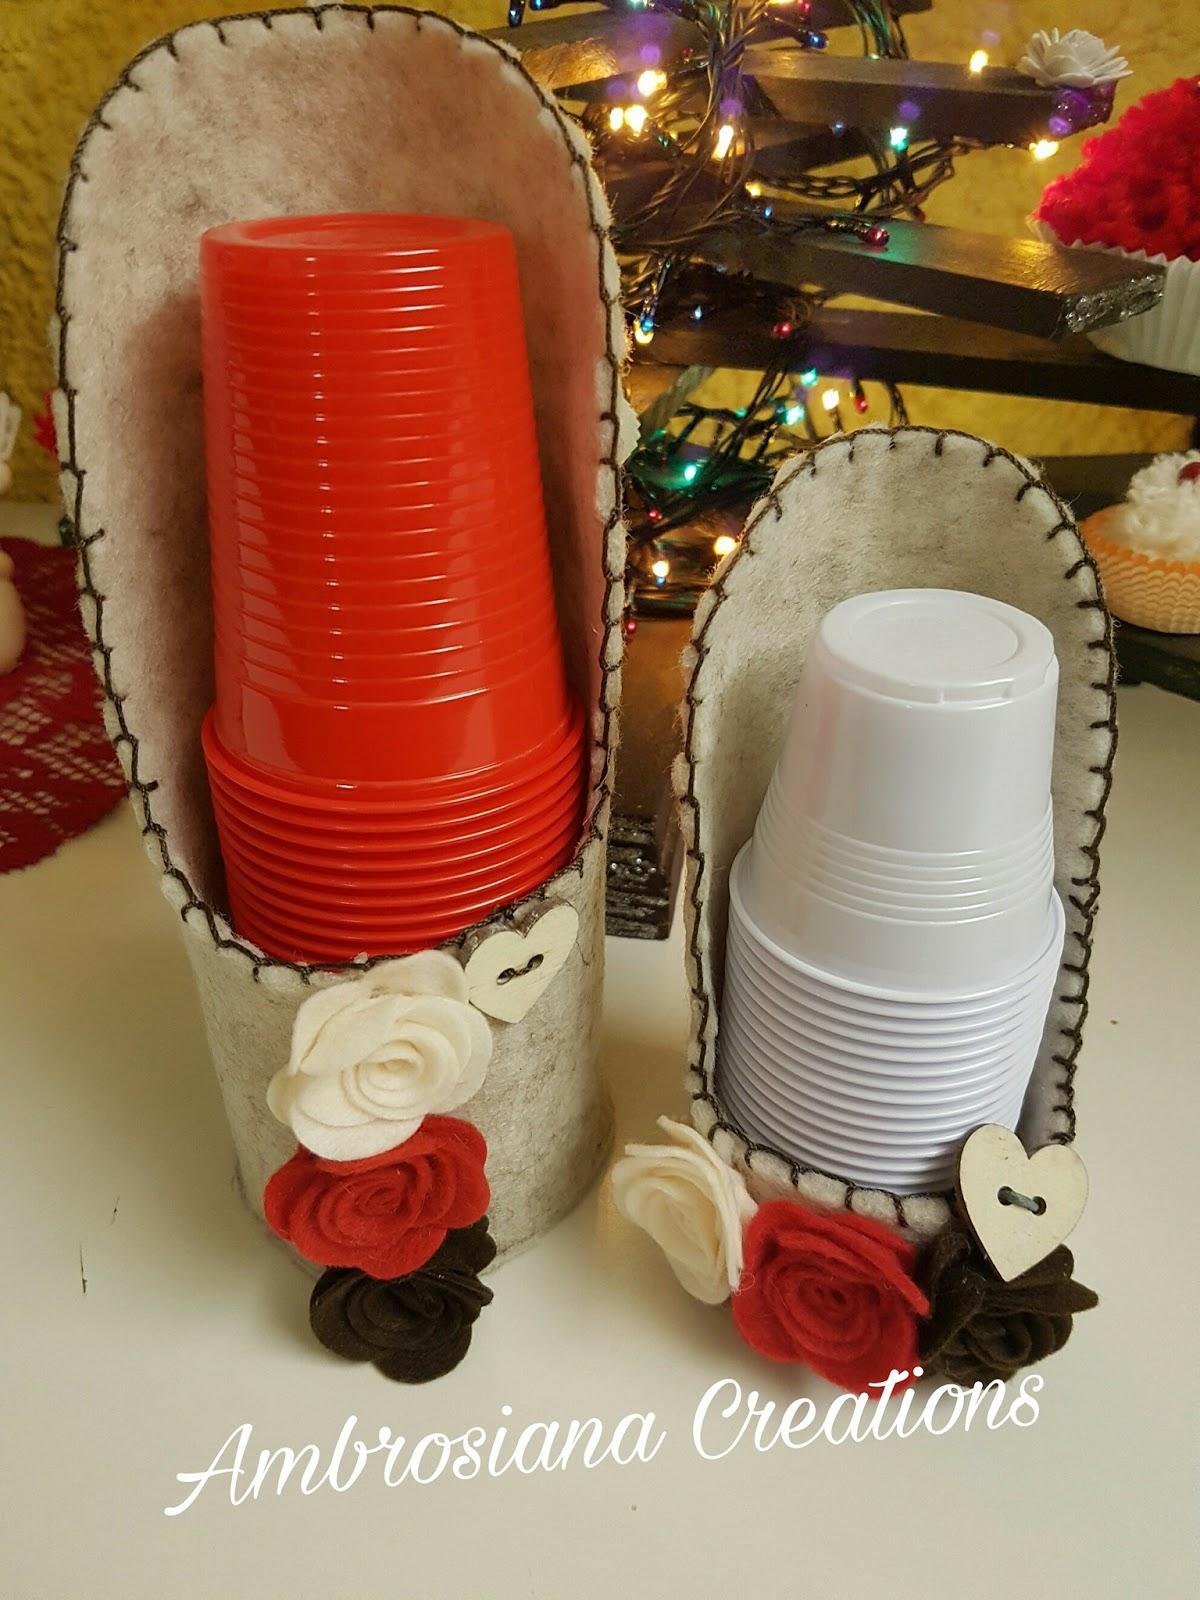 Ambrosiana creation piccolo tutorial porta bicchieri - Bicchieri decorati per natale ...